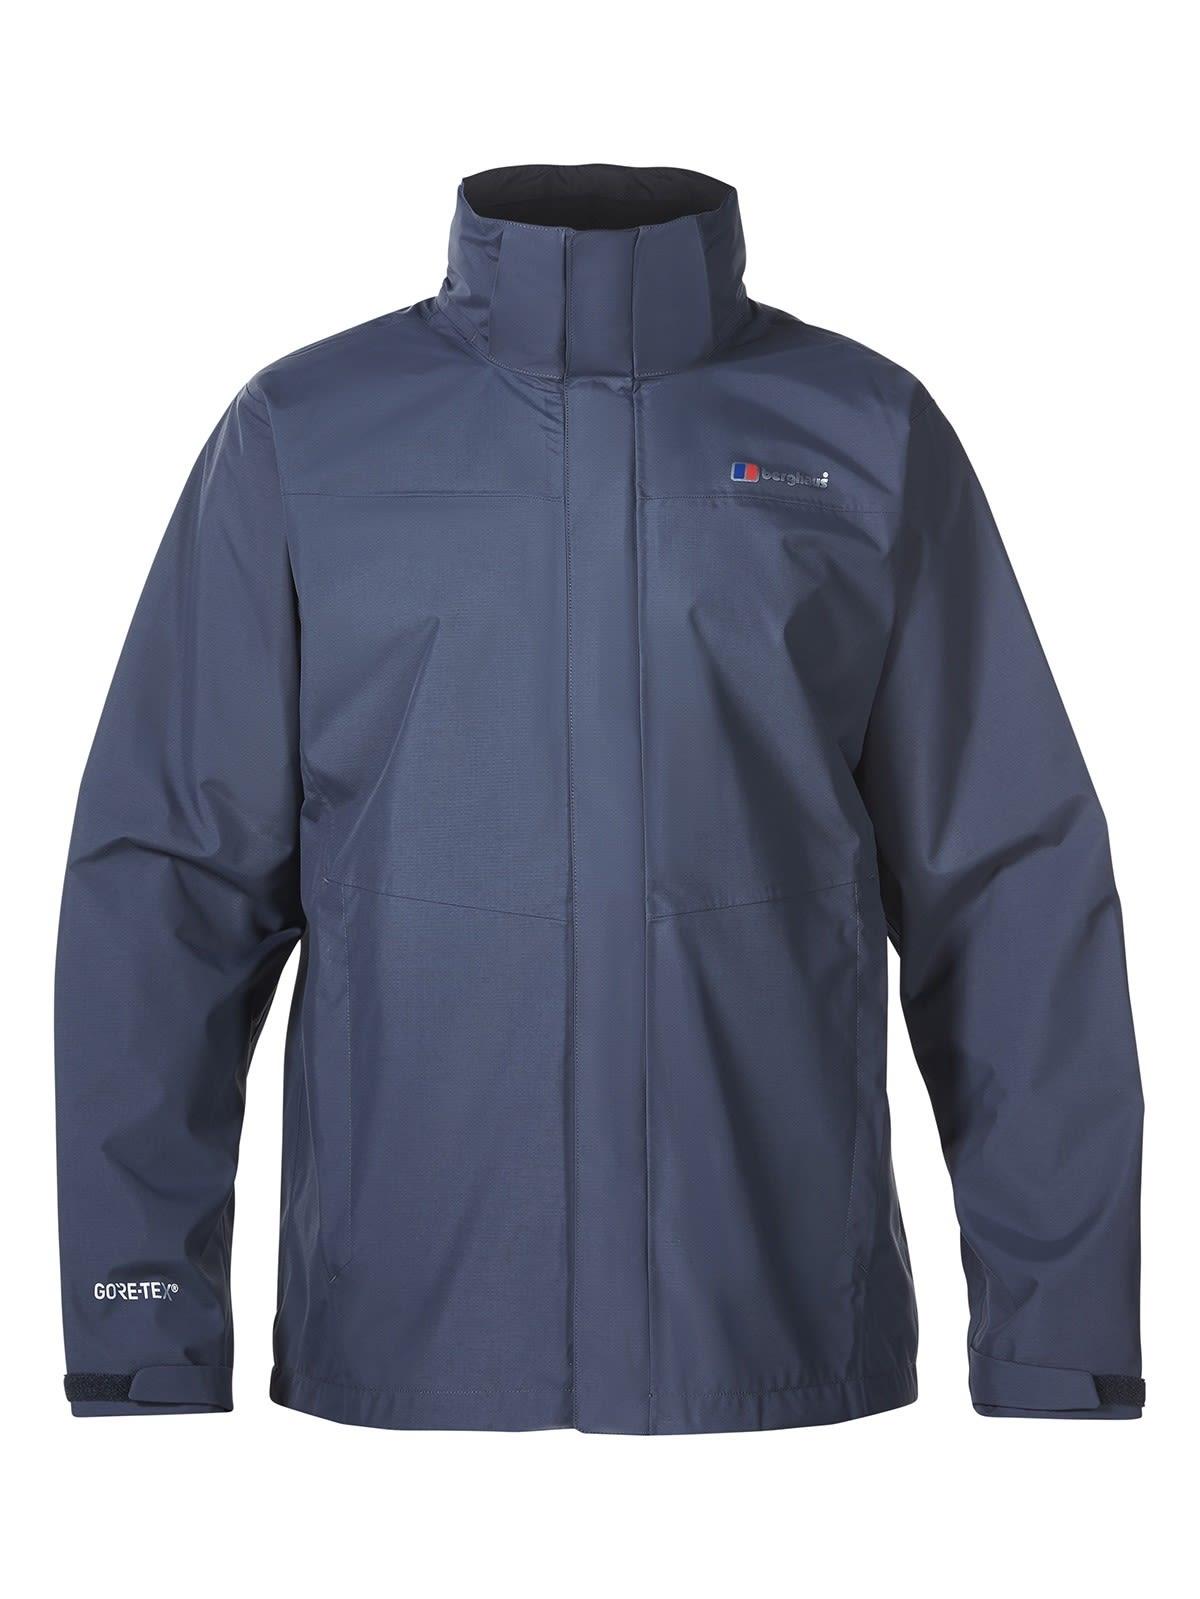 Berghaus M Hillwalker Jacket | Größe S,M,L,XXL | Herren Freizeitjacke